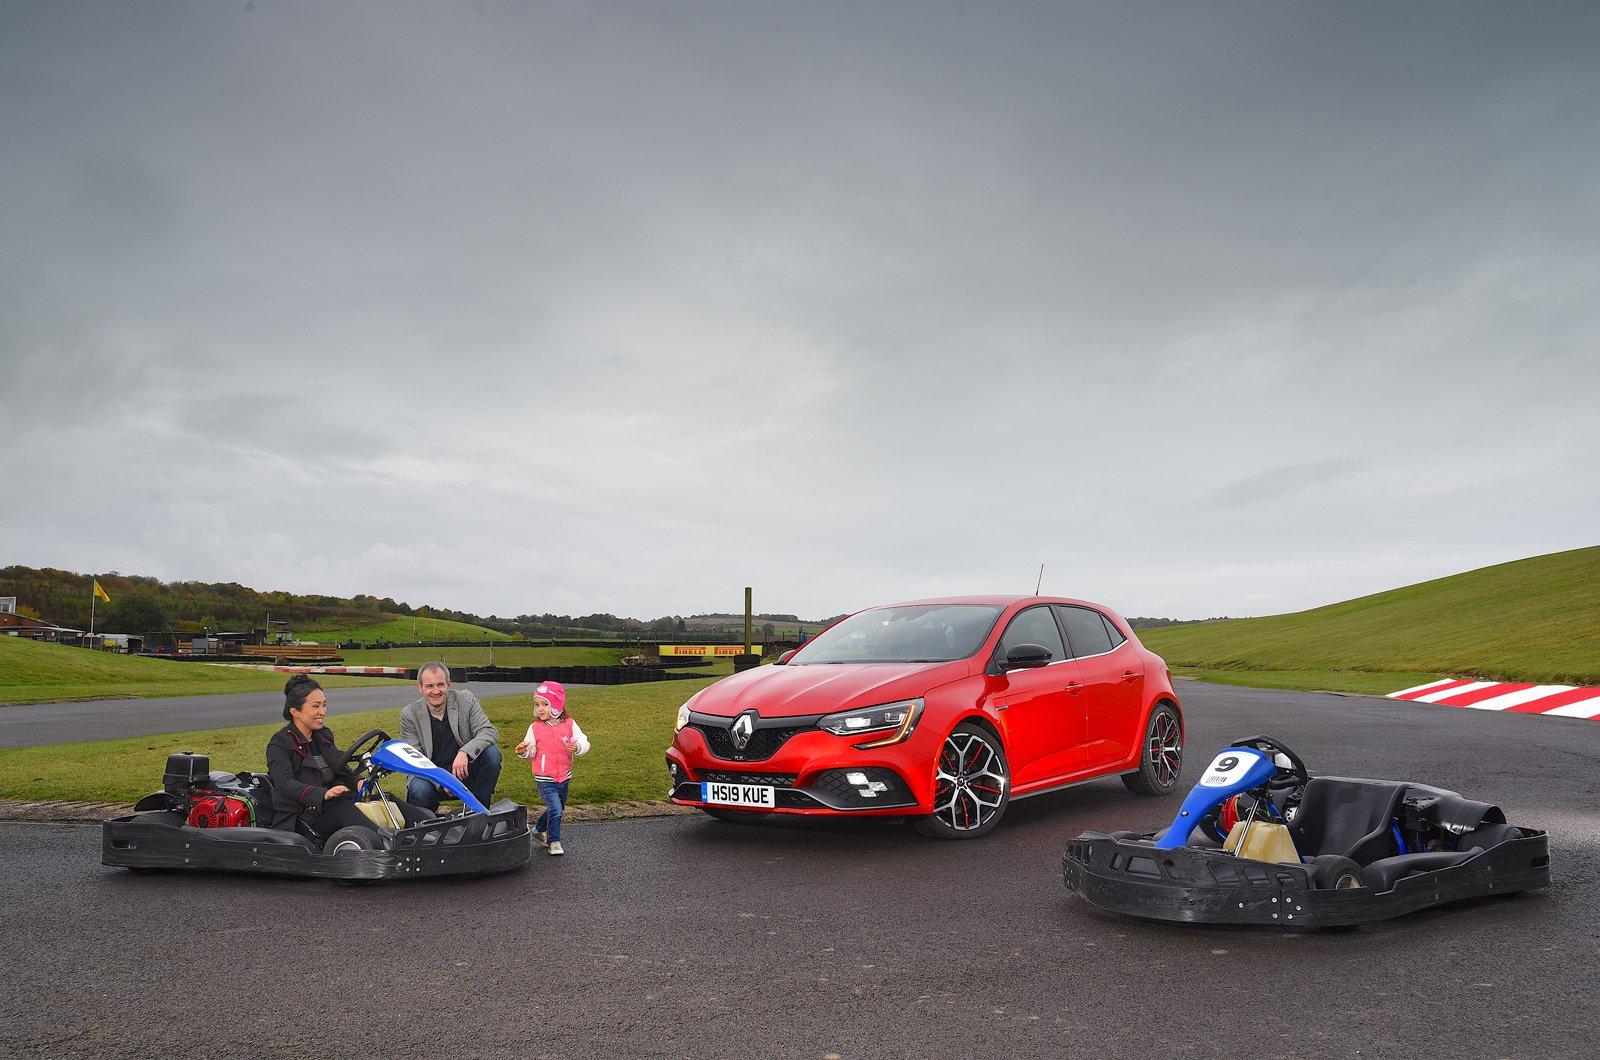 LT Renault Megane RS at go-kart track